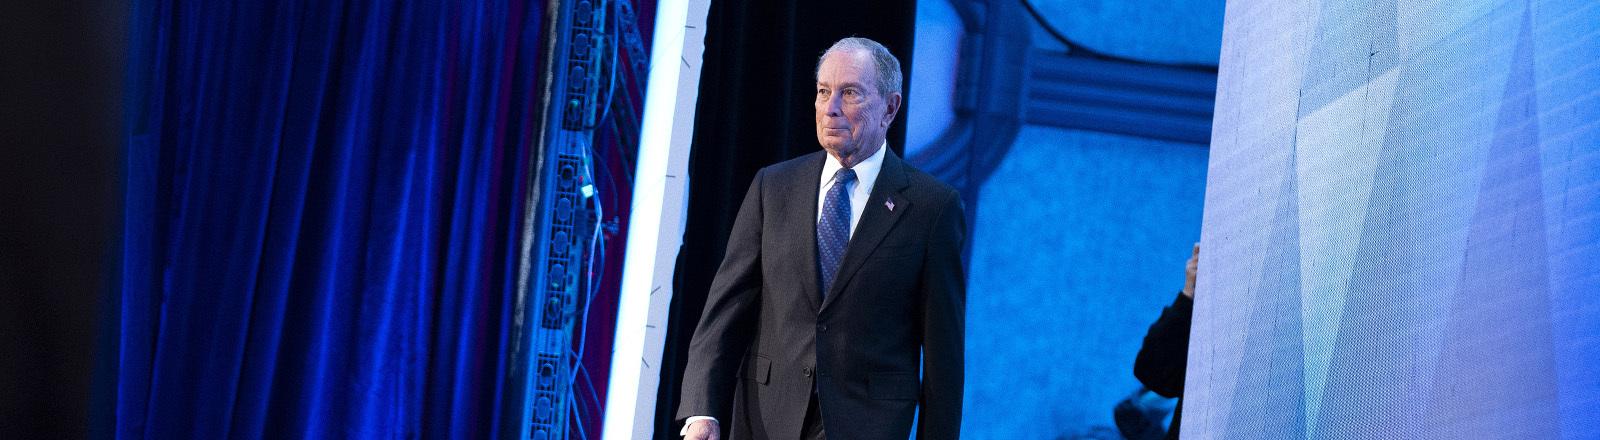 Michael Bloomberg tritt bei einem Wahlkampfevent auf die Bühne